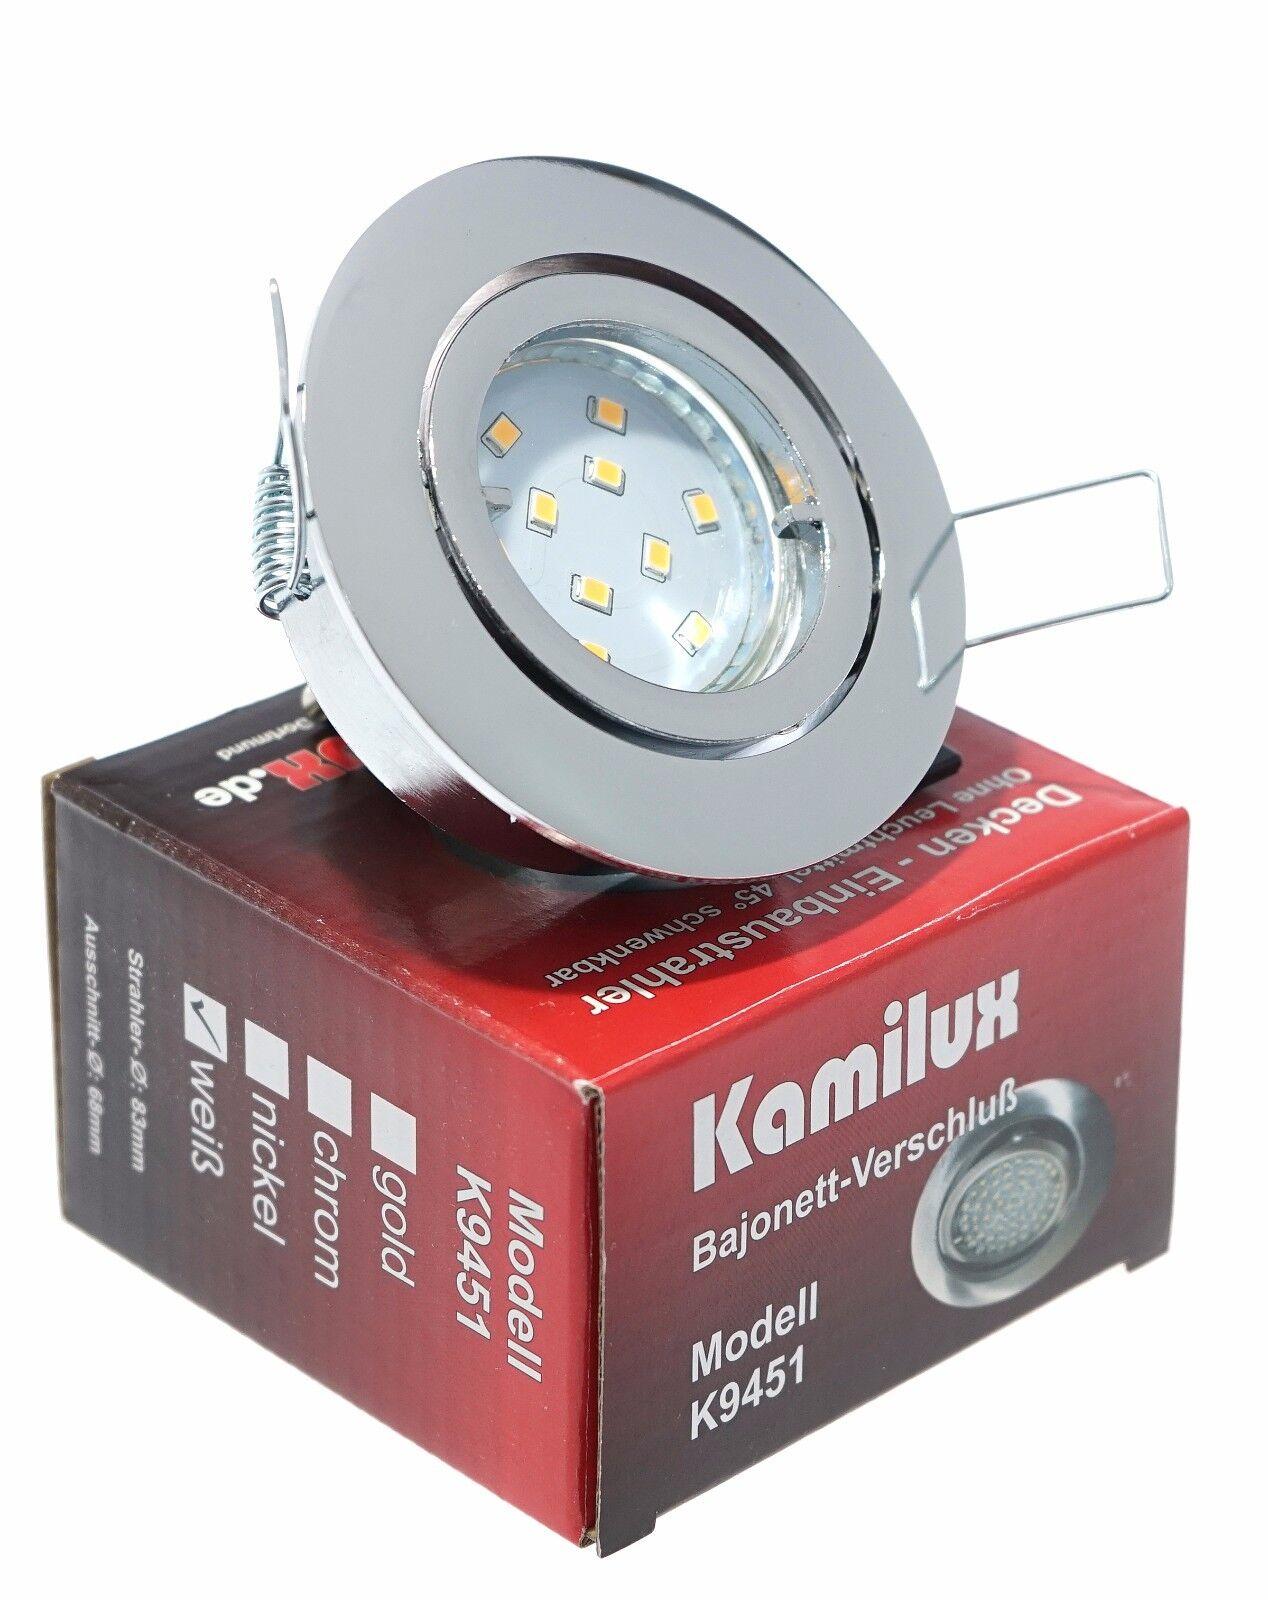 Einbauspot LED Einbaustrahler K9451 Leuchte GU10 5W SMD Einbaurahmen Led 230V | Schön In Der Farbe  | Wonderful  | Hat einen langen Ruf